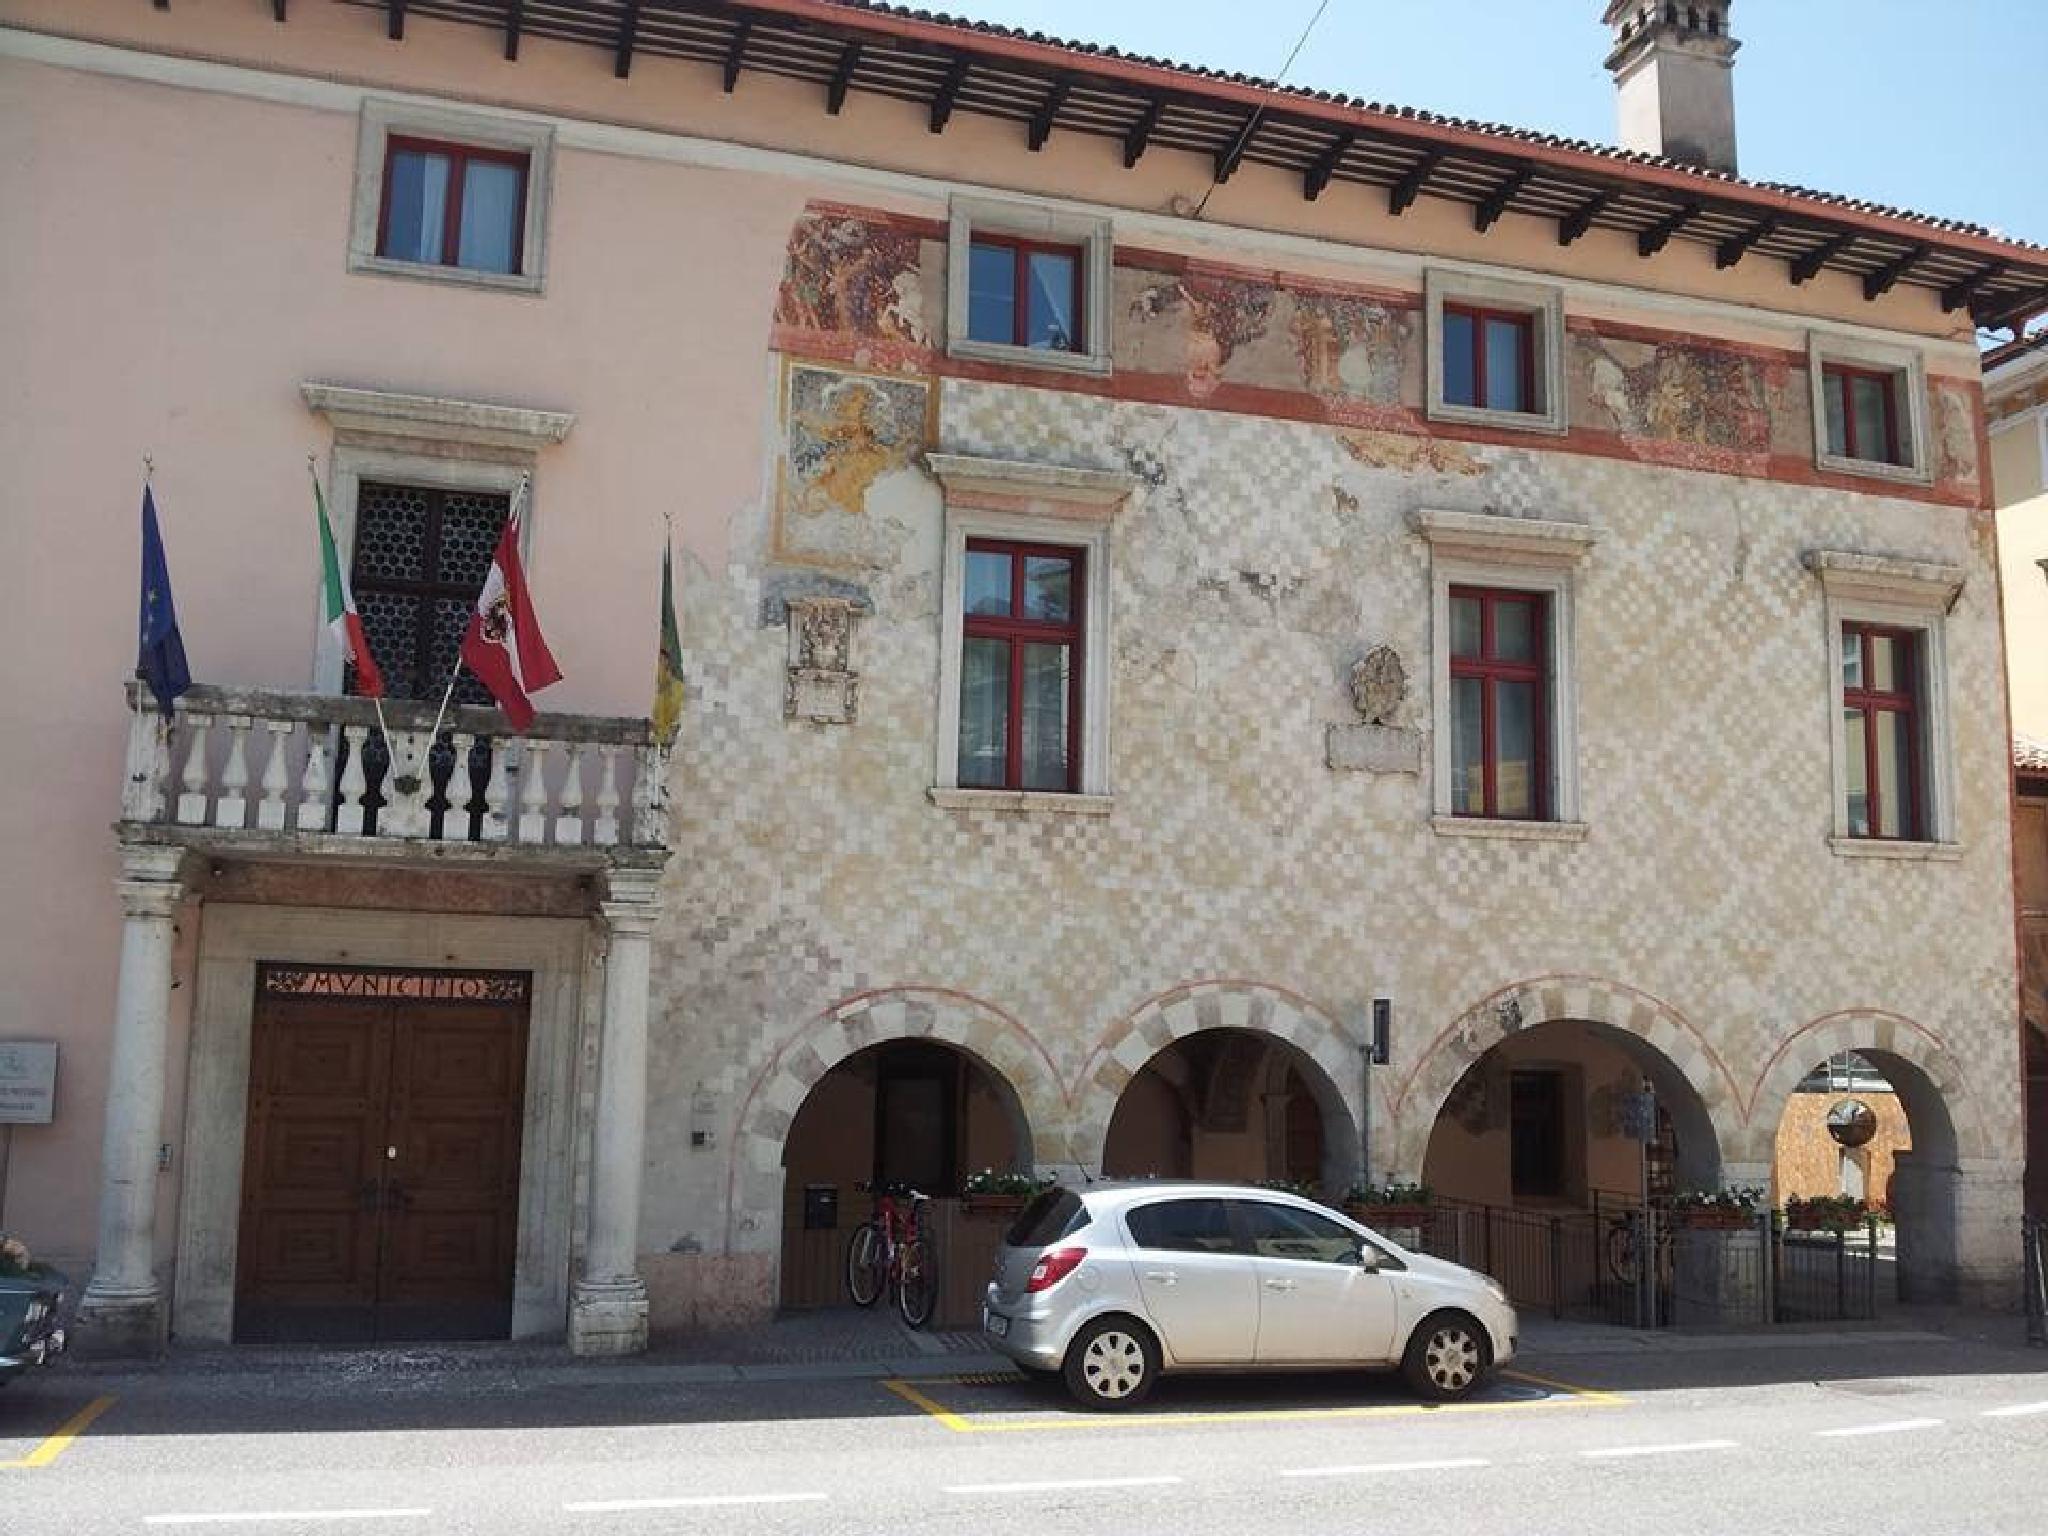 Rovereto Municipality by johnny.kariono